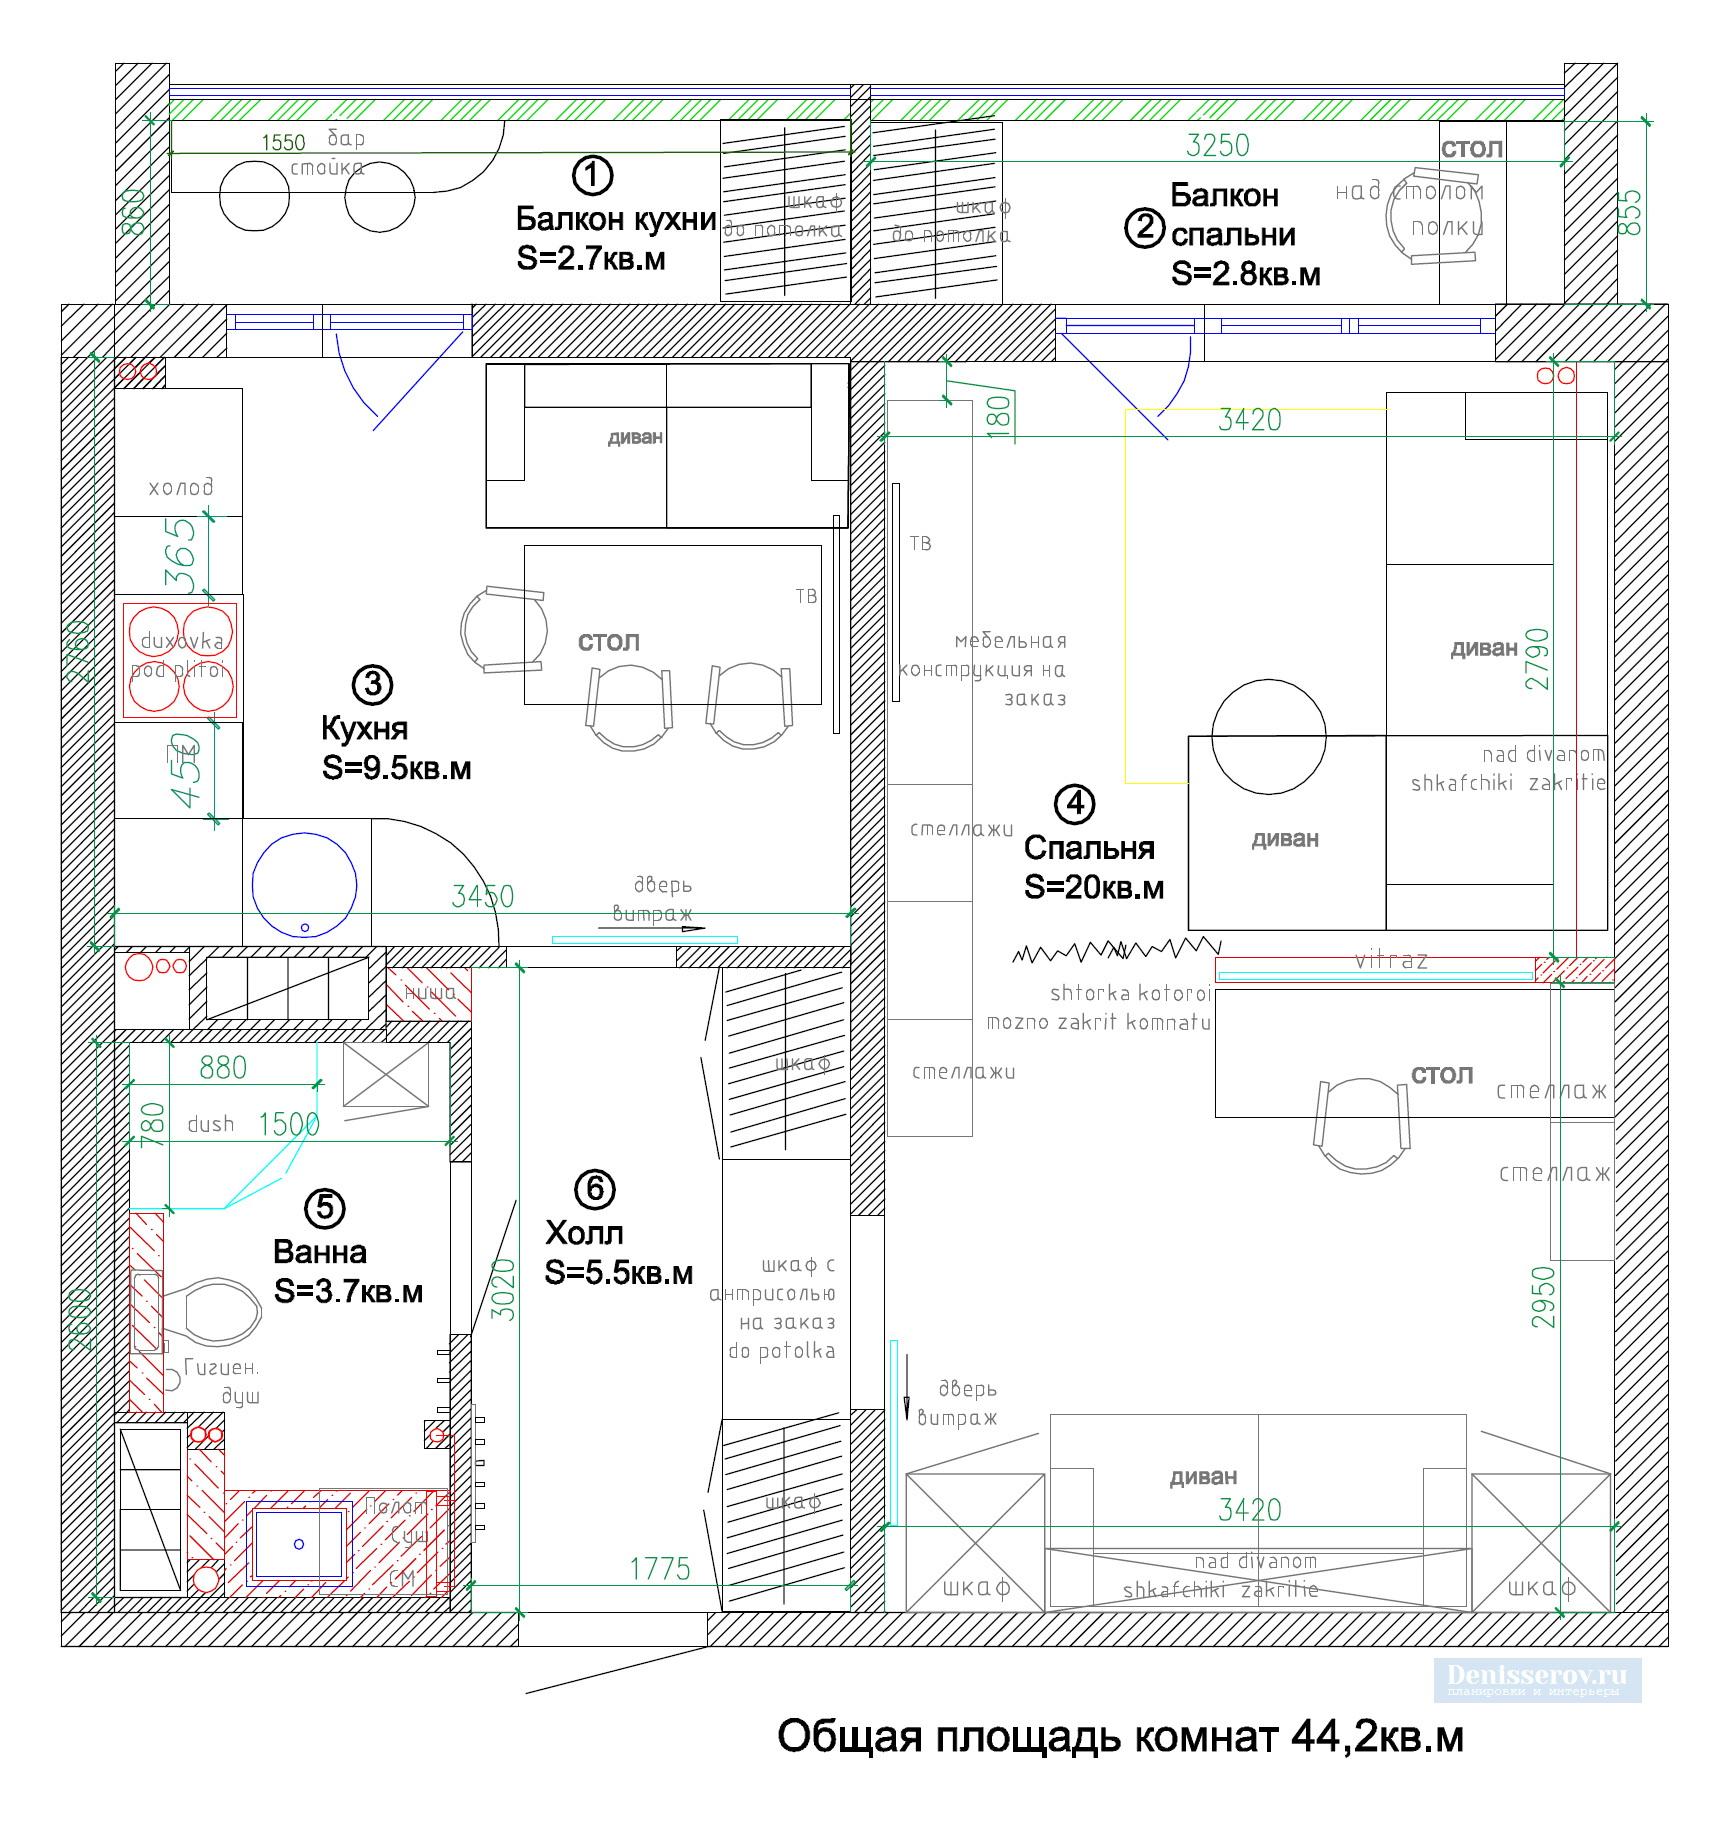 Сантехкабина: Демонтаж сантехкабины в панельном доме